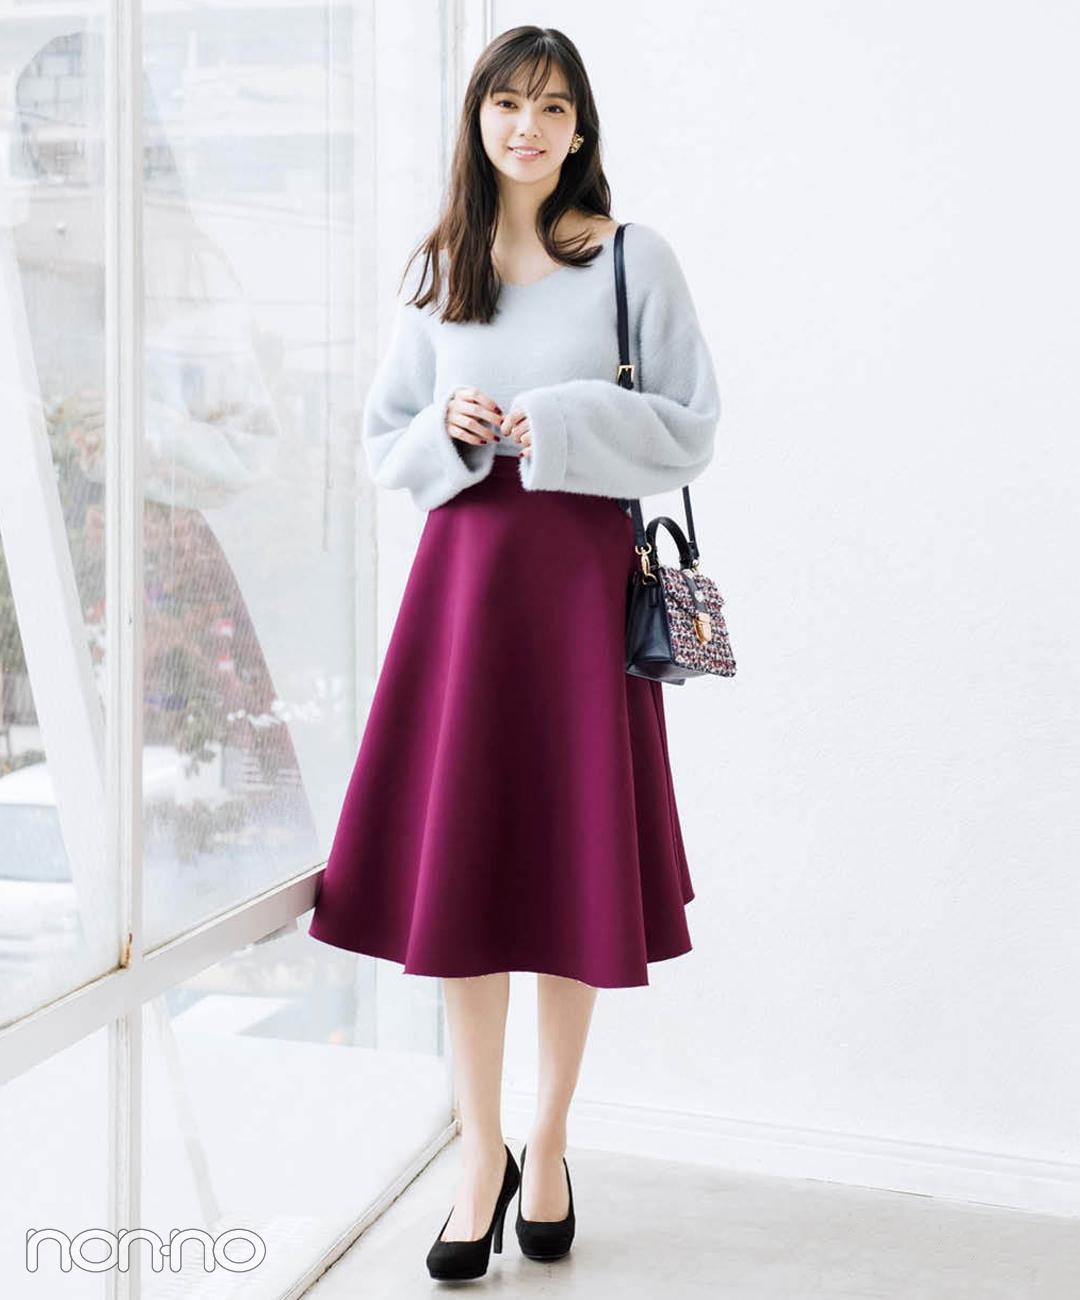 【フレアスカートコーデ5】ゆるニット×フレアスカート